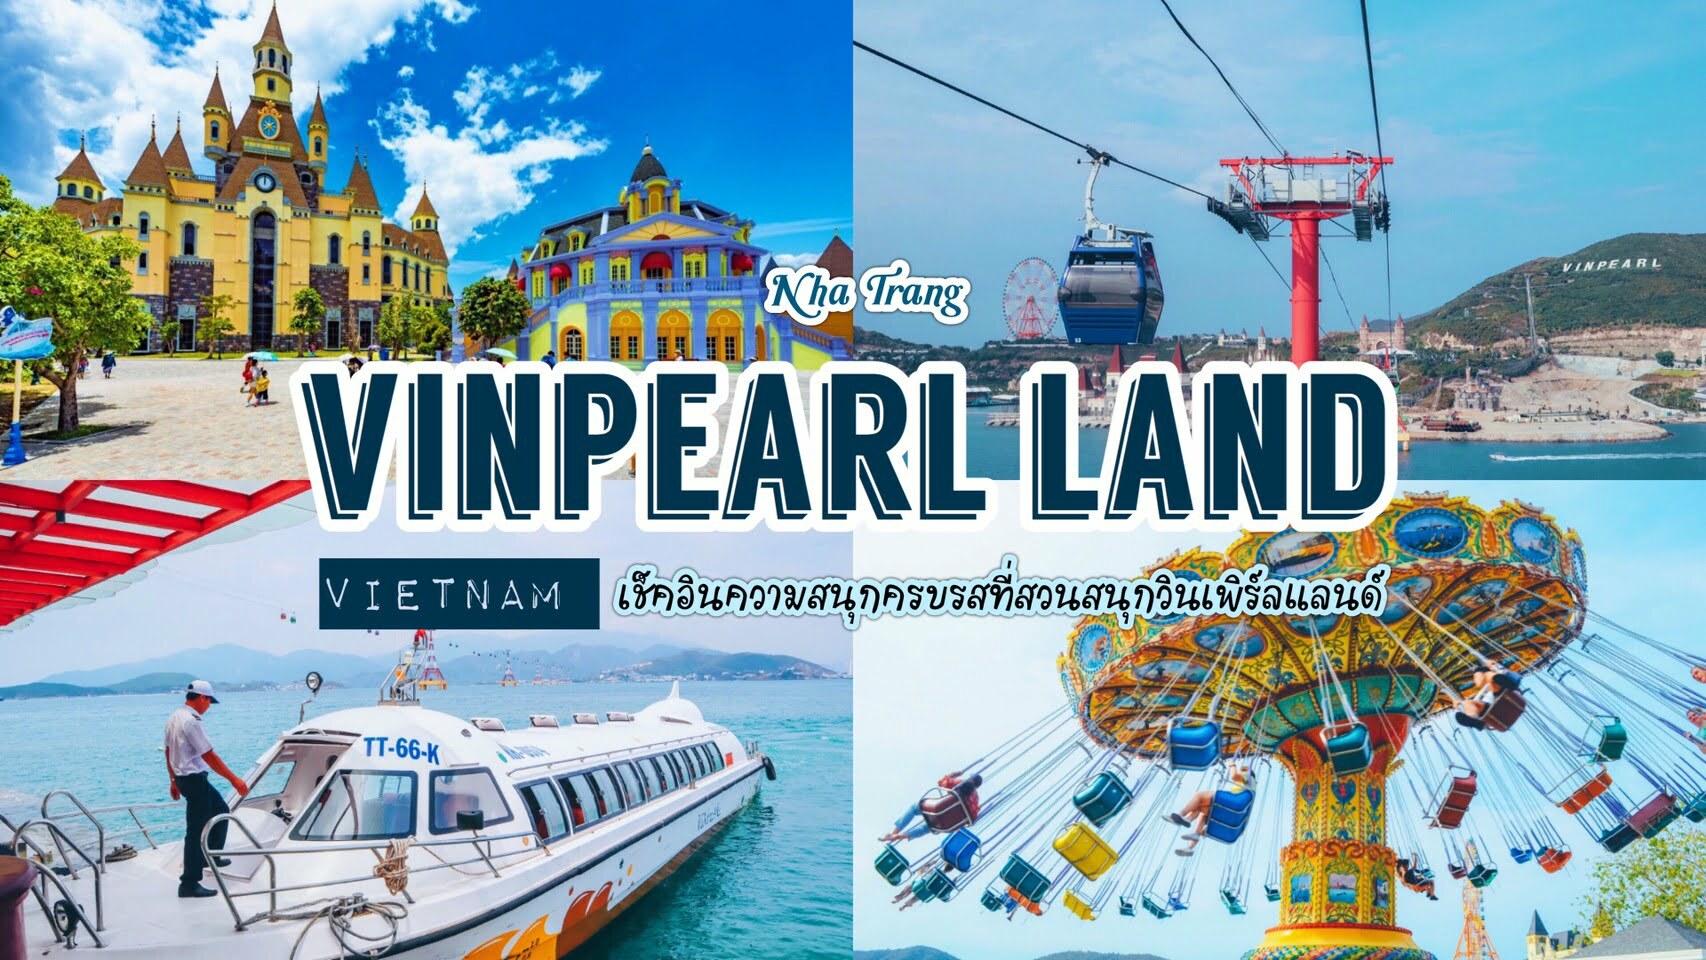 ทัวร์เวียดนาม – เช็คอินความสนุกครบรสที่สวนสนุกวินเพิร์ลแลนด์ เมืองญาจาง เวียดนามใต้